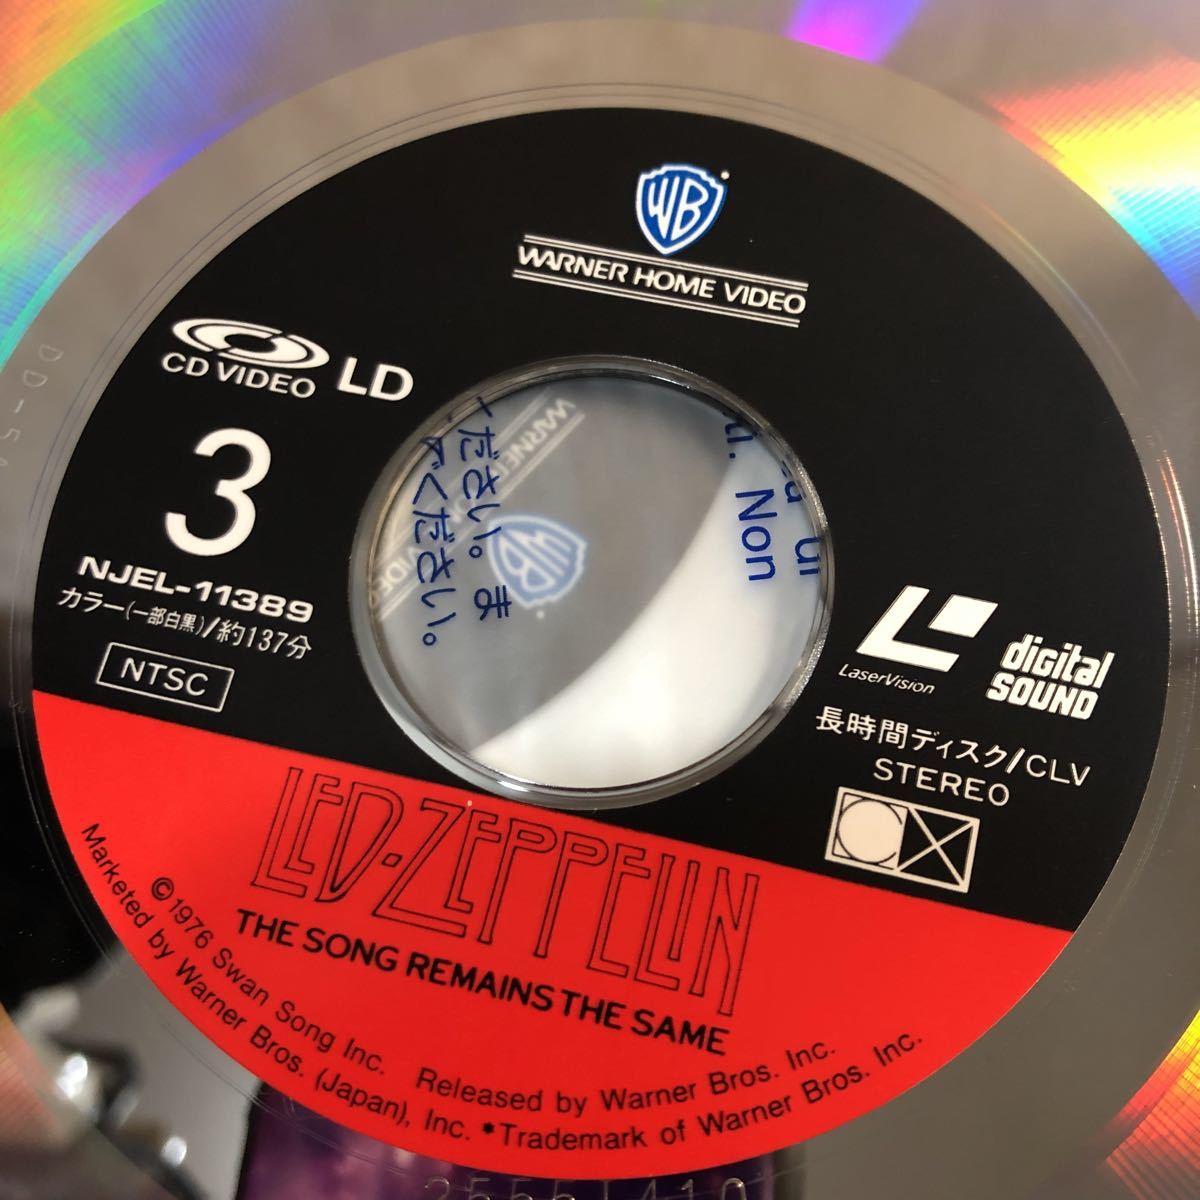 レーザーディスク★ロック ★レッドツェッペリン★ 狂熱のライヴ LED ZEPPELIN THE SONG REMAINS THE SAME_画像6